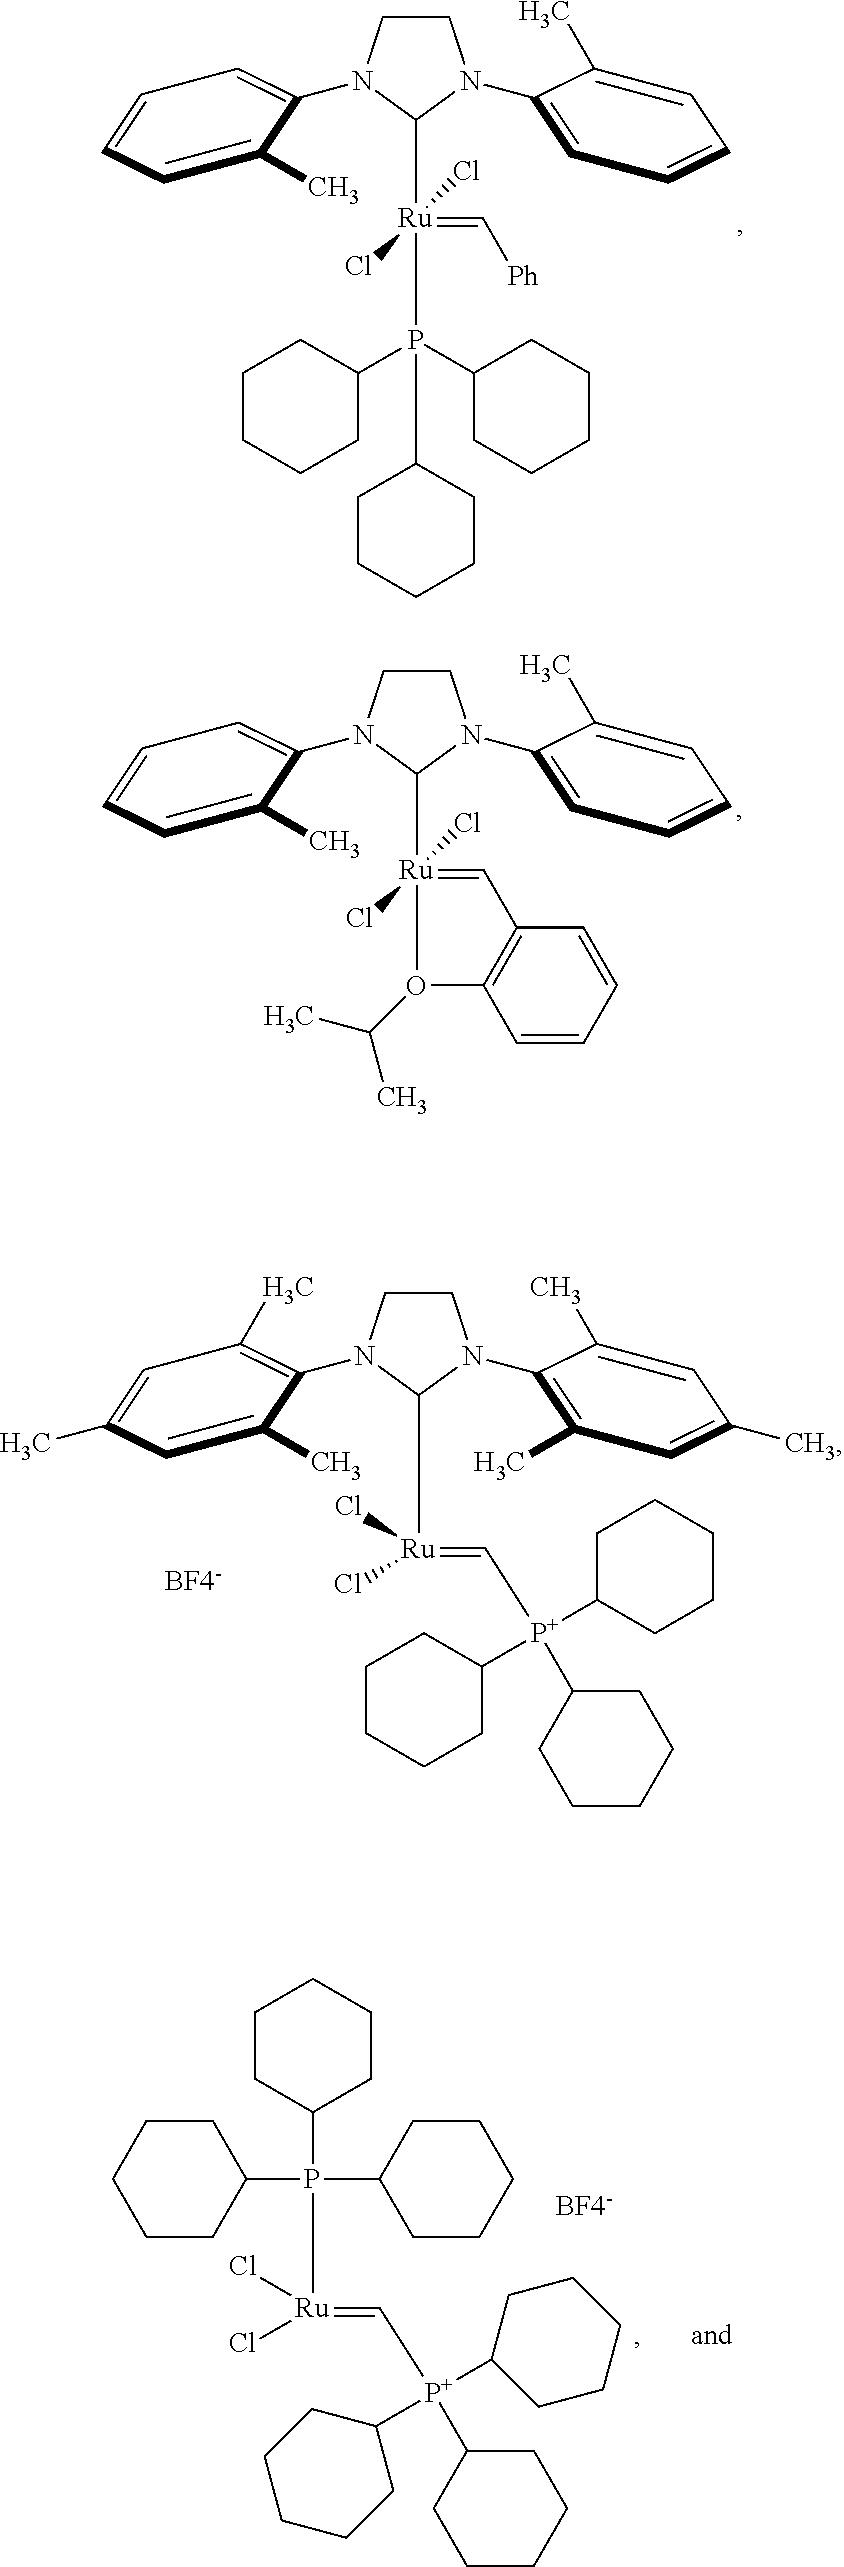 Figure US09592476-20170314-C00017